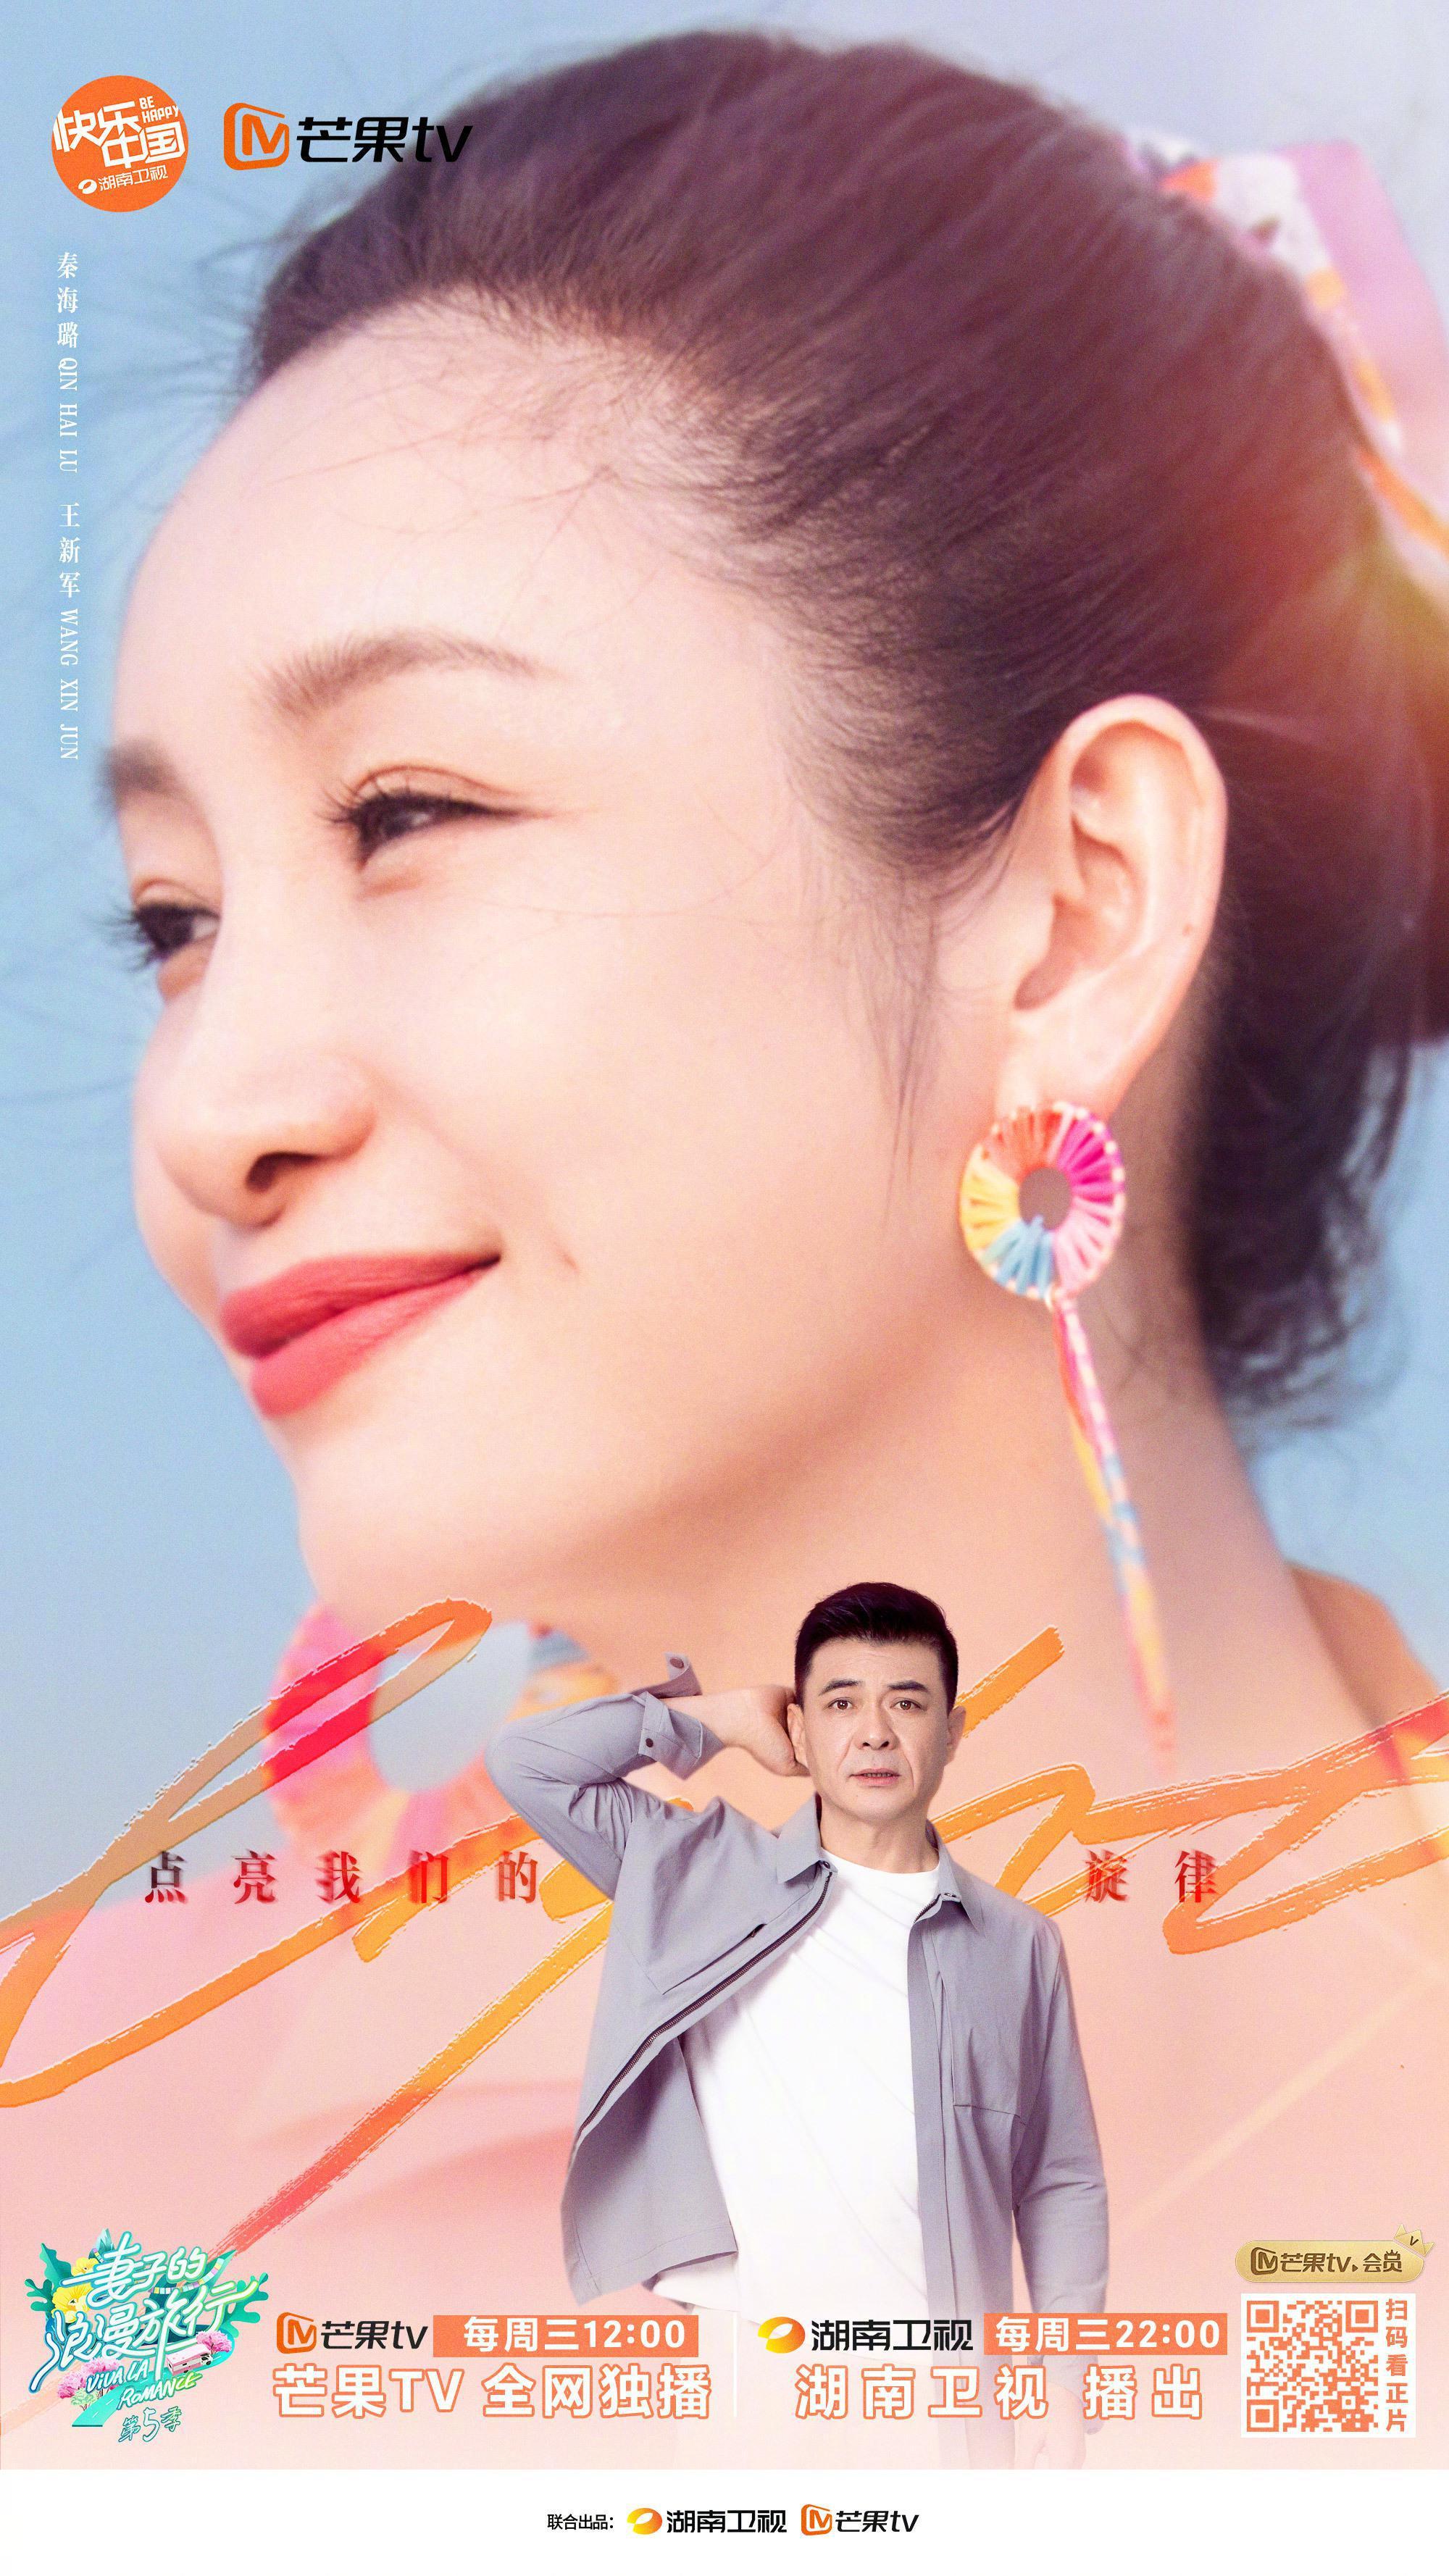 知道有你在 所以不会怕@秦海璐 @演员王新军 第五季·第四期……